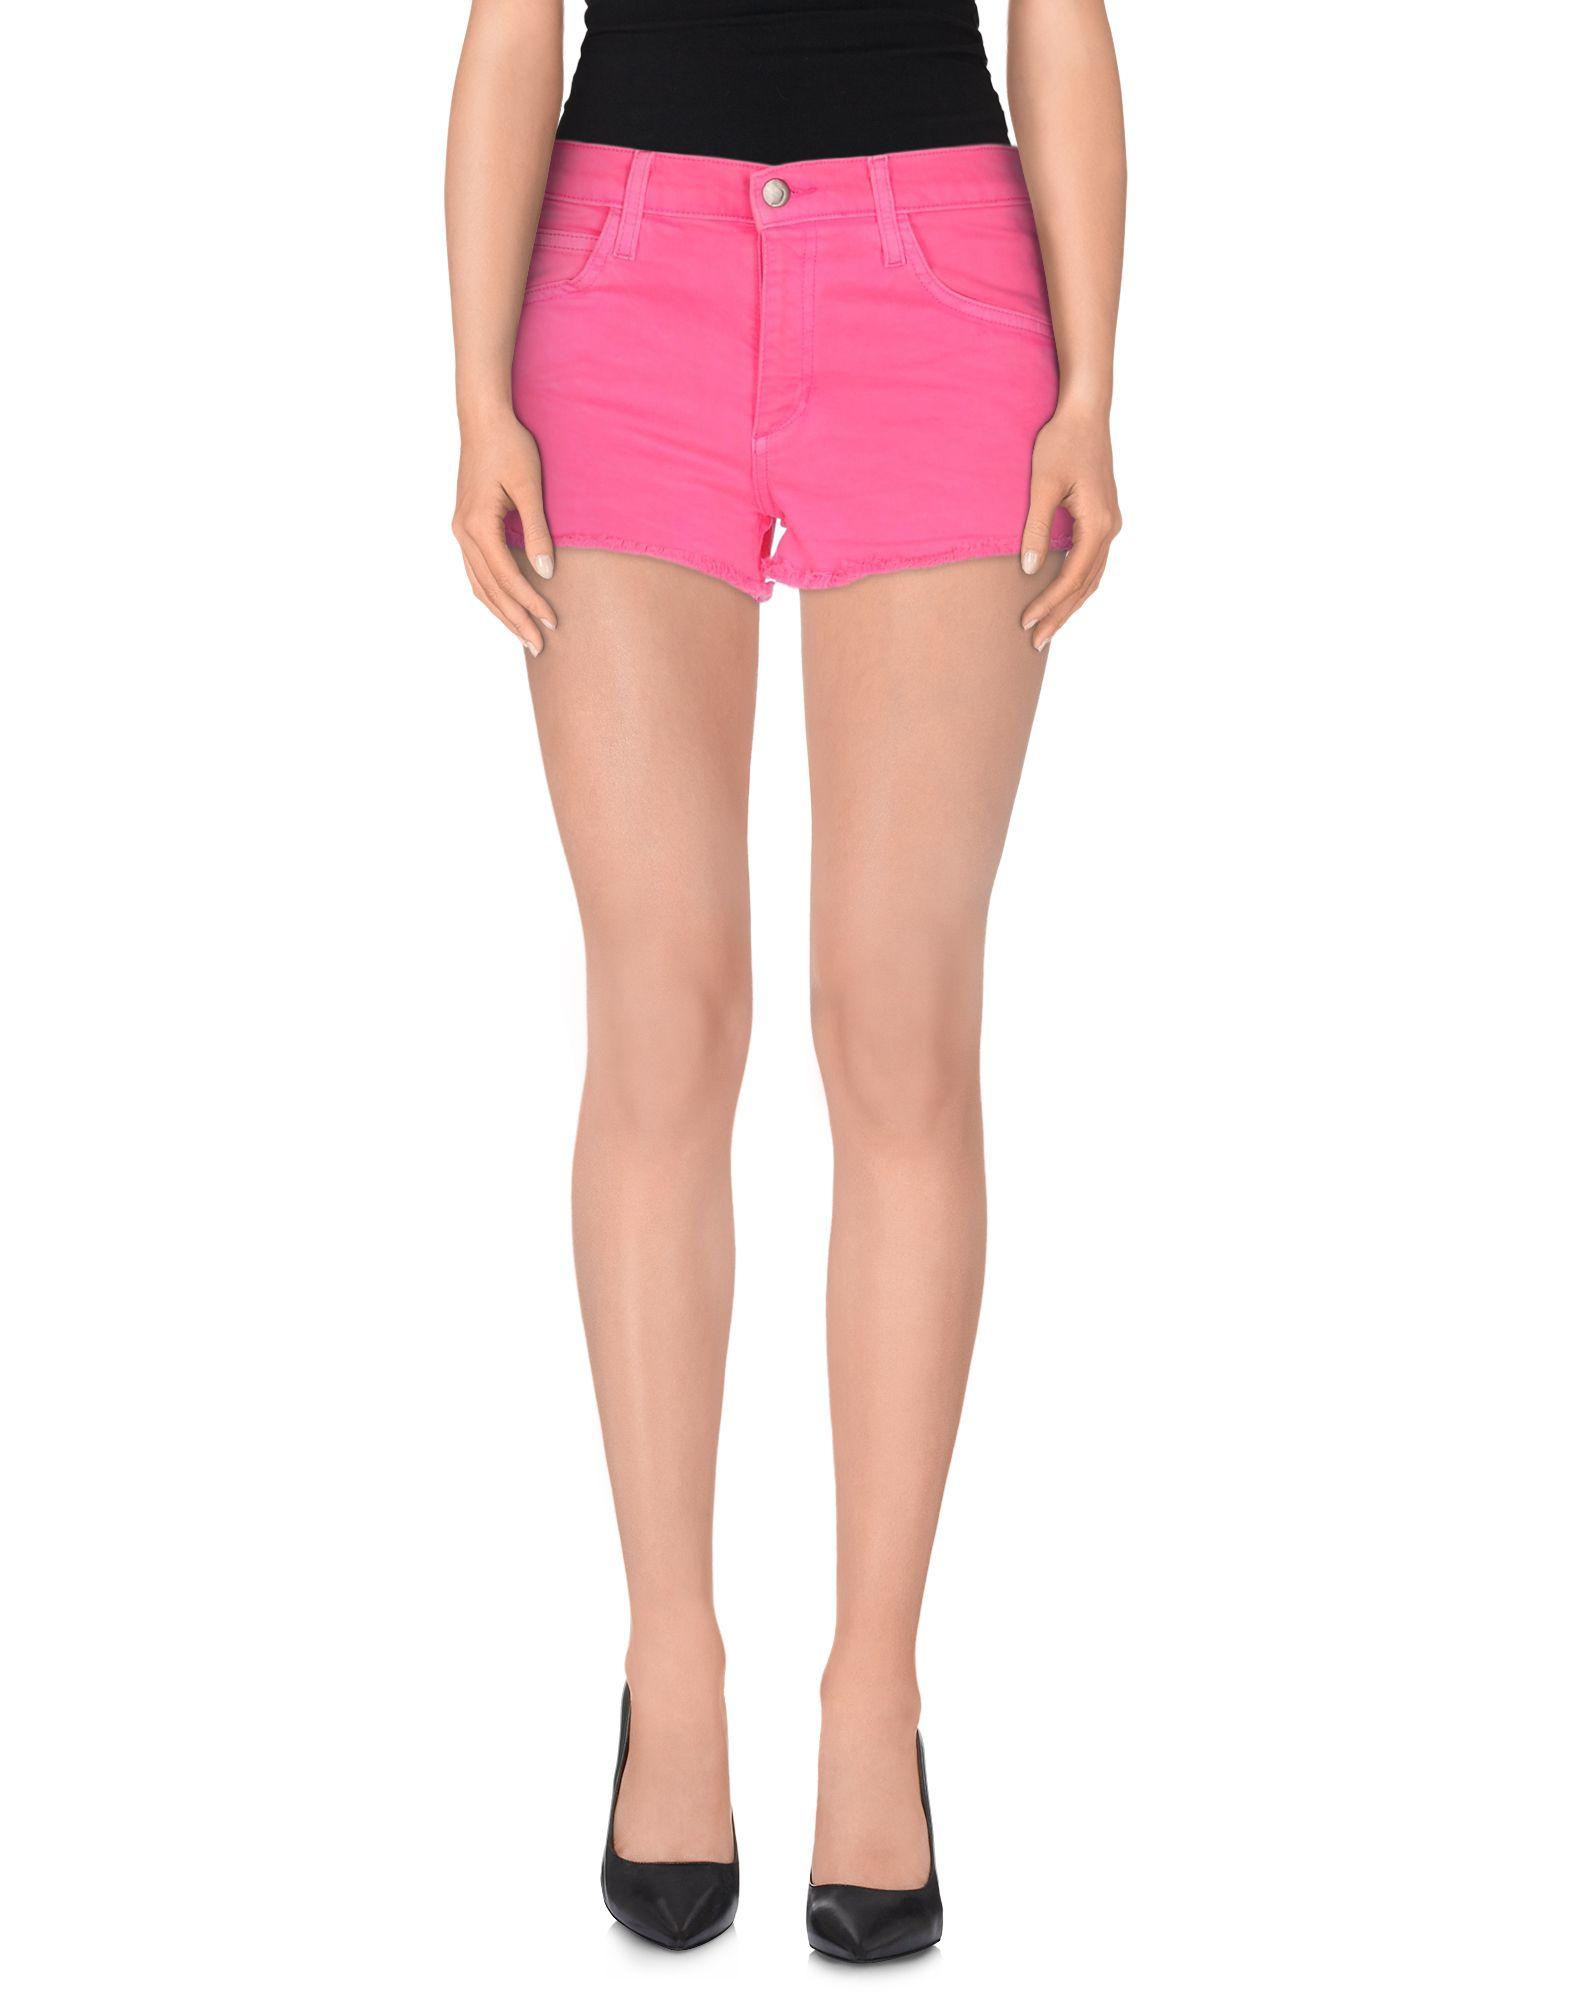 Joeu0026#39;s Jeans Denim Shorts In Purple | Lyst